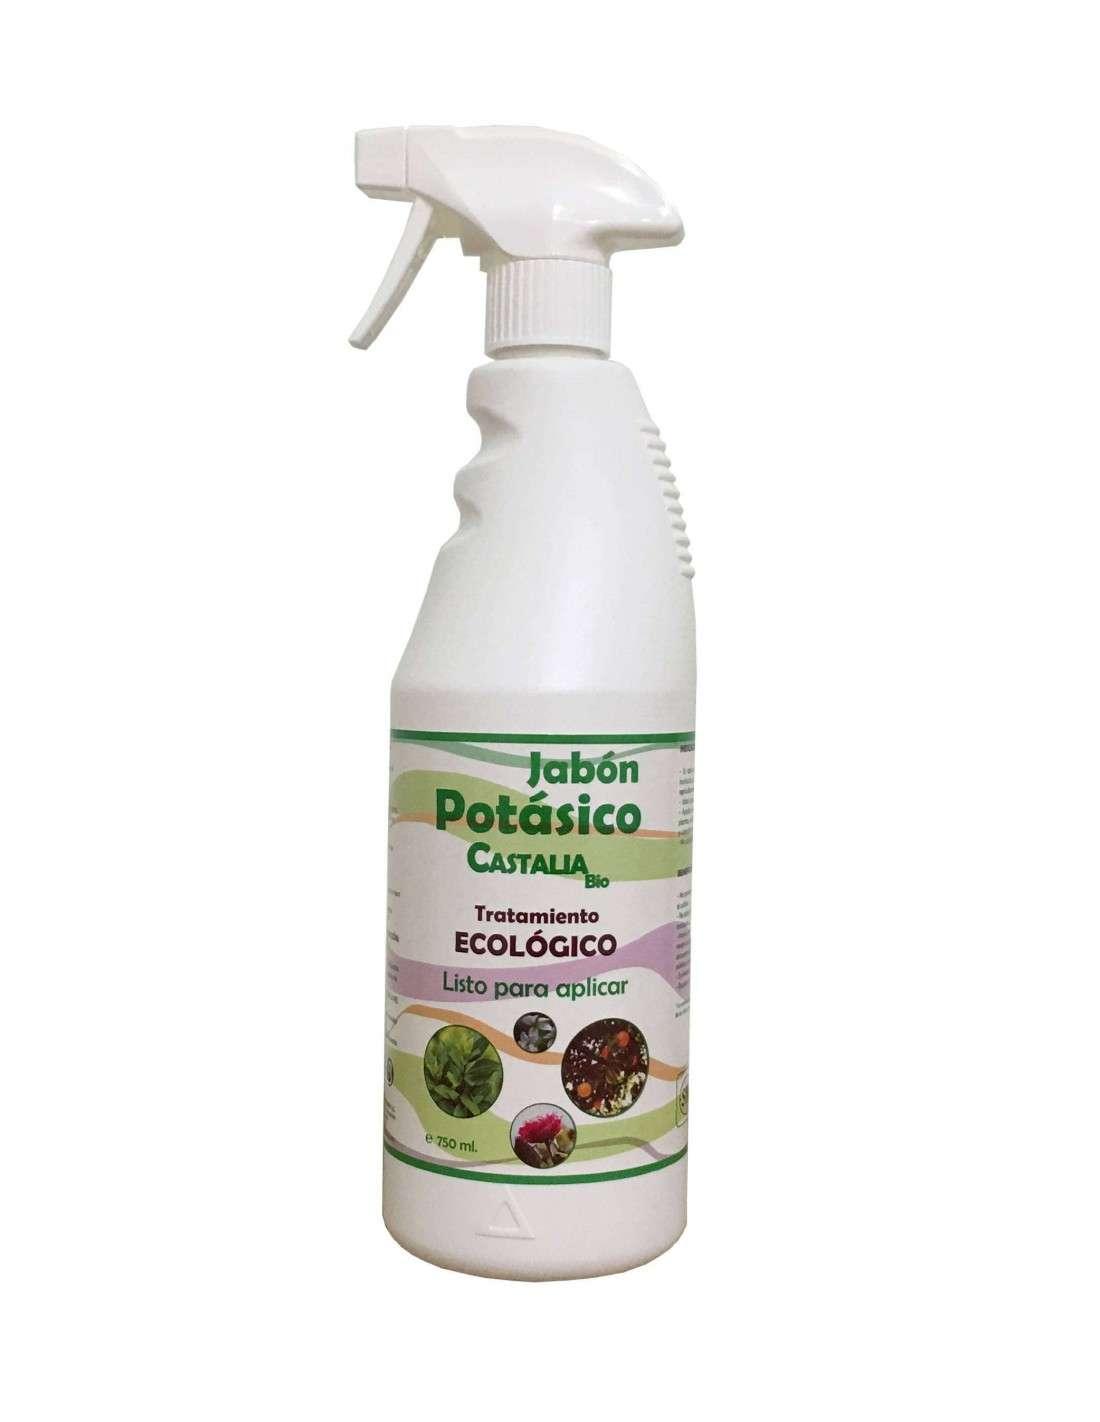 Jabón Potásico 750ml. Listo para uso